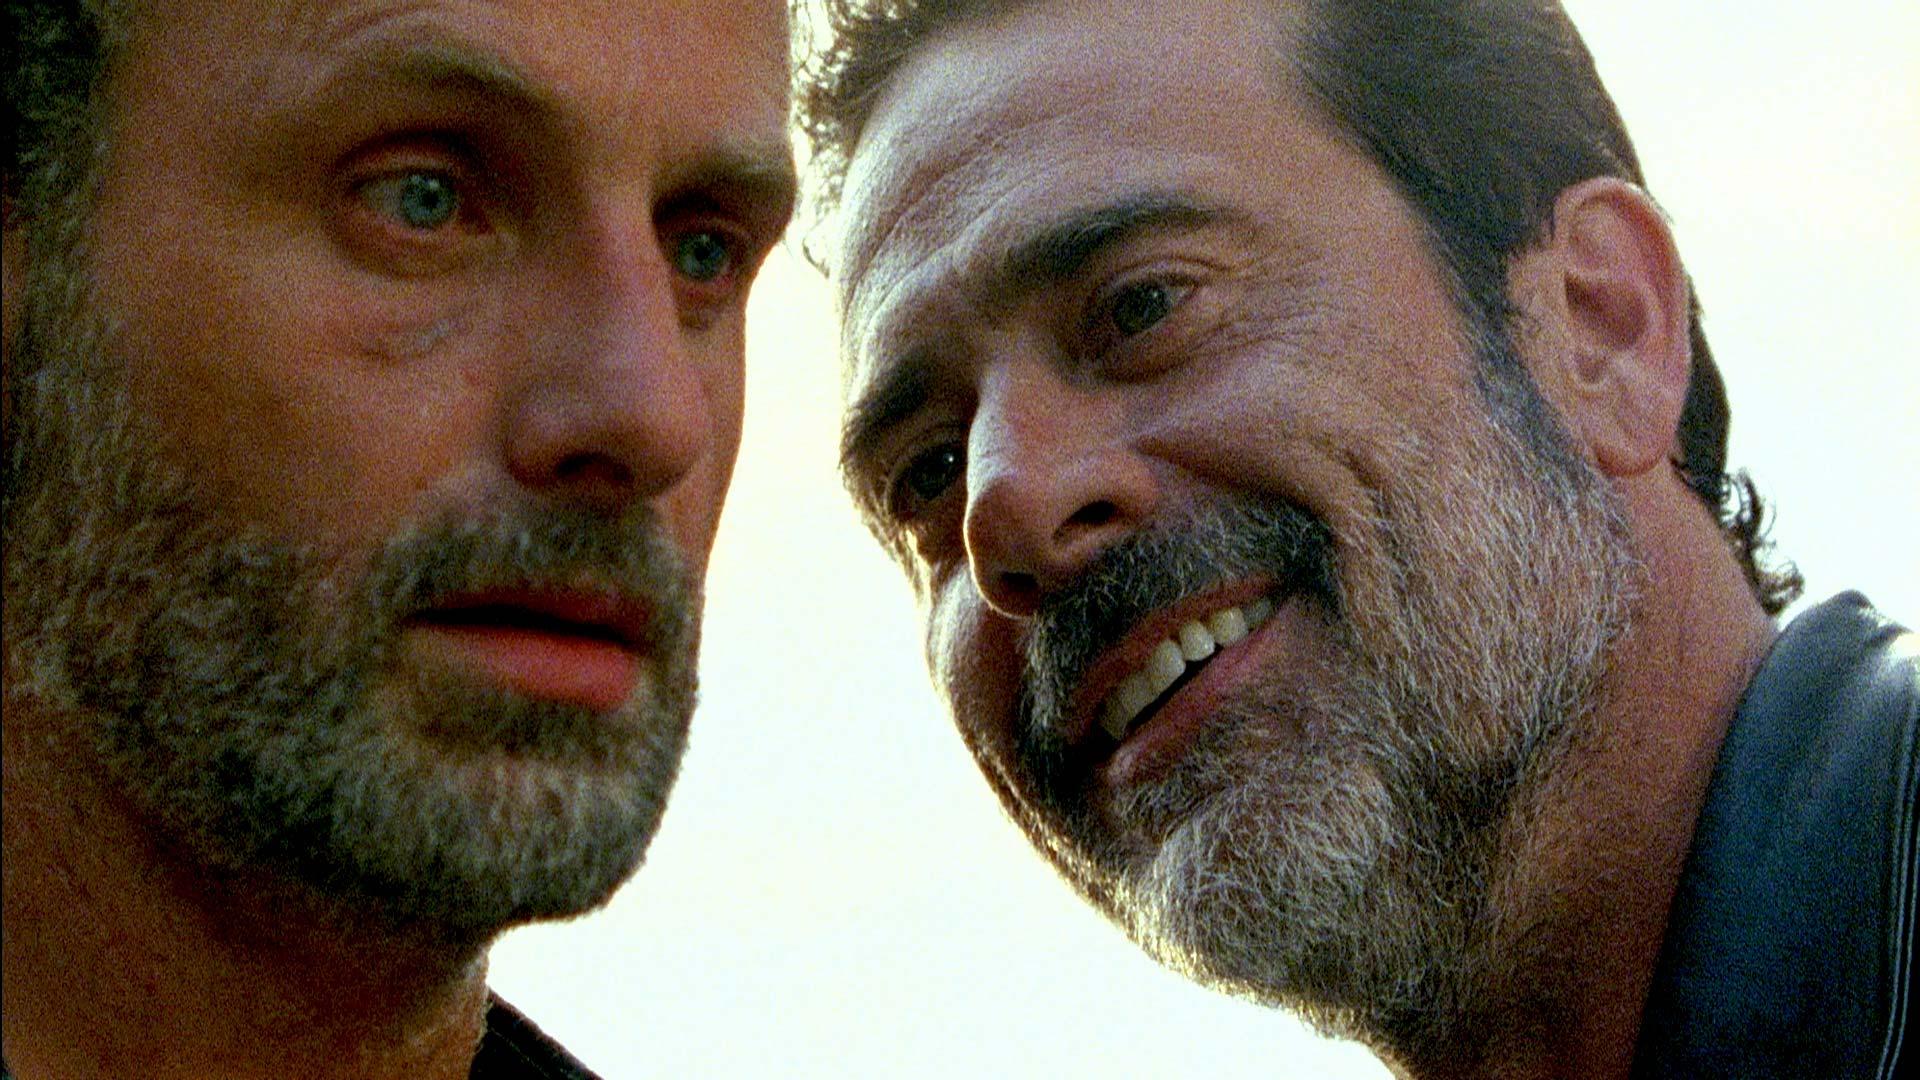 Video Extra - The Walking Dead - Next On The Walking Dead Season 7 ...